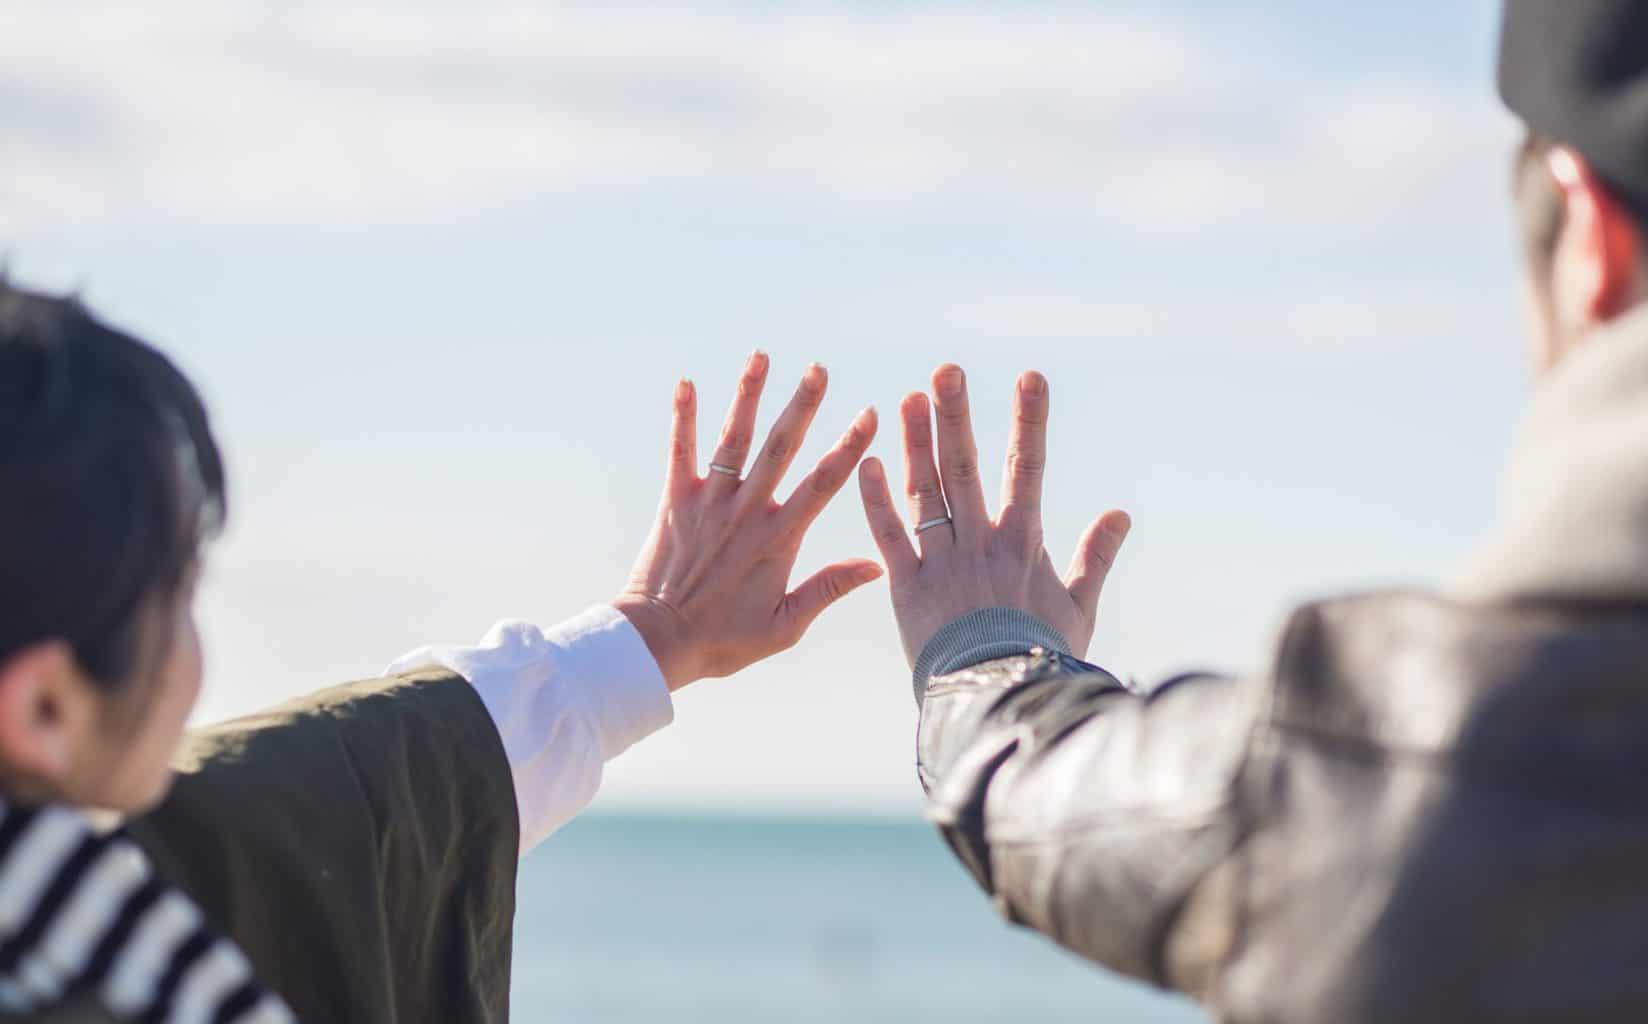 結婚指輪を手作りするなら?デザイン・価格・素材・コスパは?など気になること人気工房に聞いてみた!のカバー写真 0.6213592233009708